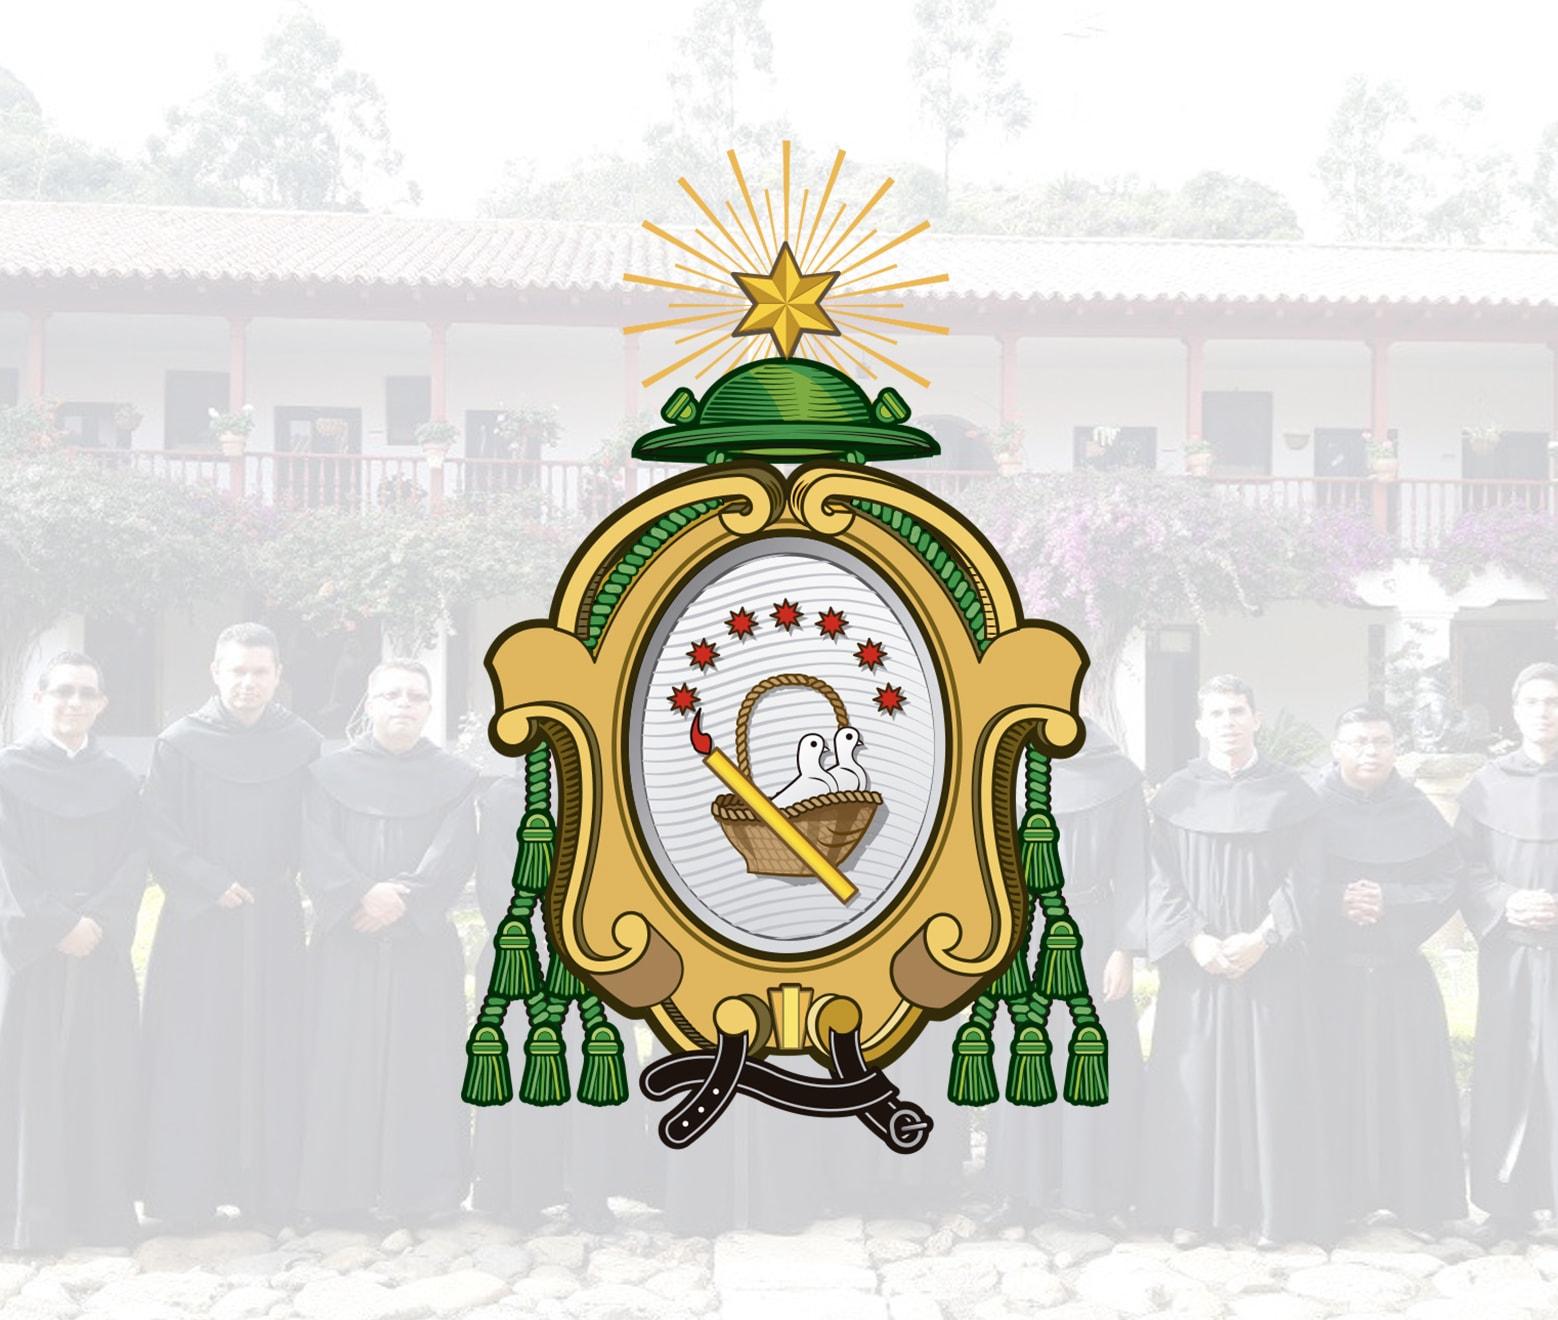 PROVINCIA NUESTRA SEÑORA DE LA CANDELARIA